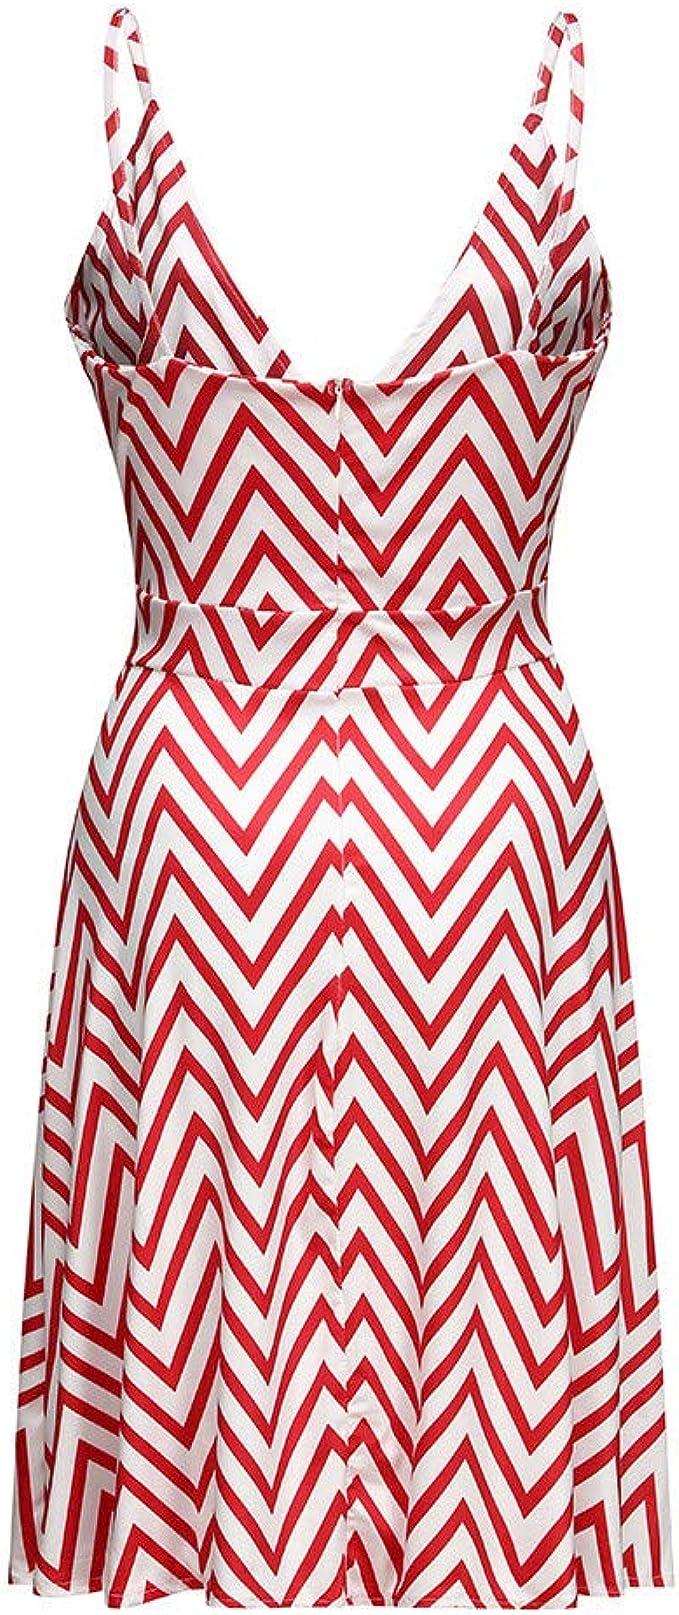 TTINAF Summer Set Baby Kids Sleeveless Print Sundress Cotton O-Neck Pullover A-Line Swing T-Shirt Dresses